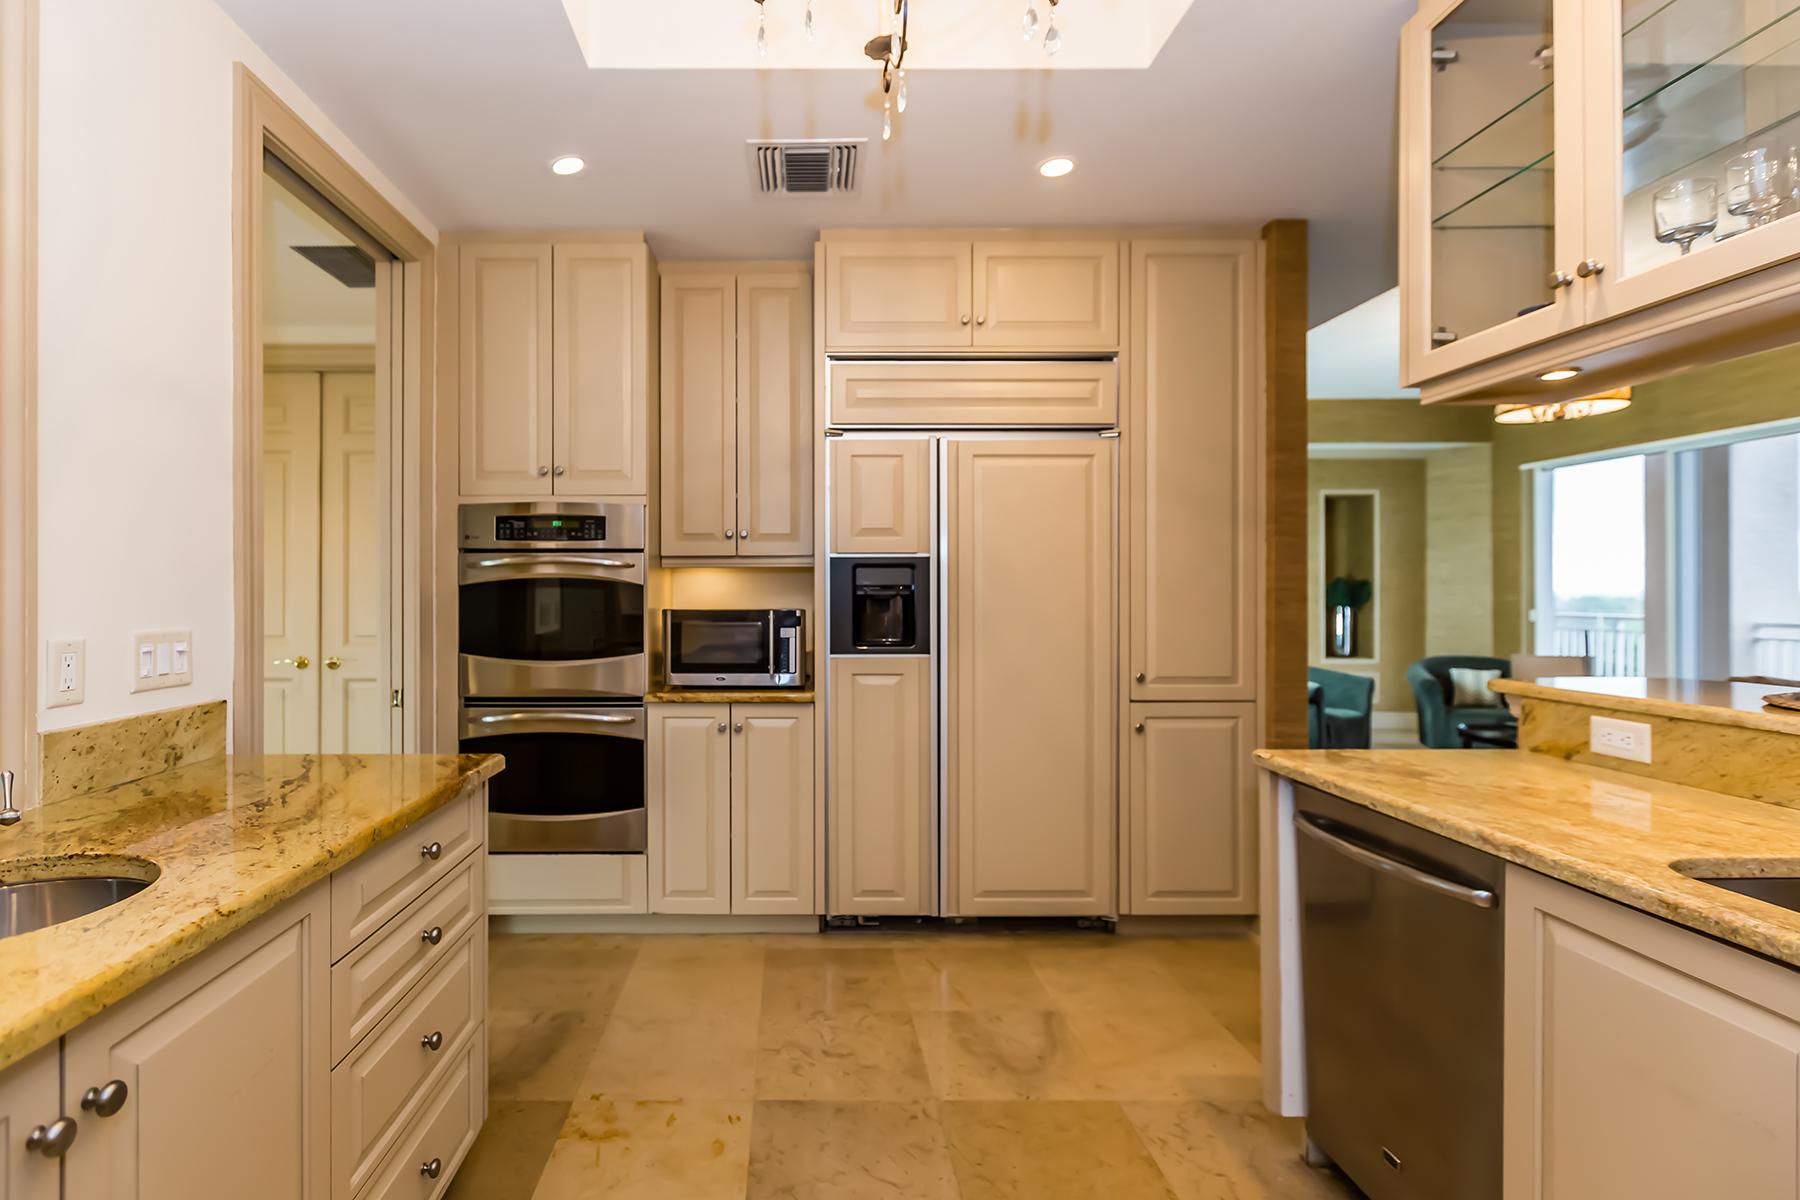 Additional photo for property listing at BONITA BAY - HORIZONS 4731  Bonita Bay Blvd 502,  Bonita Springs, Florida 34134 United States